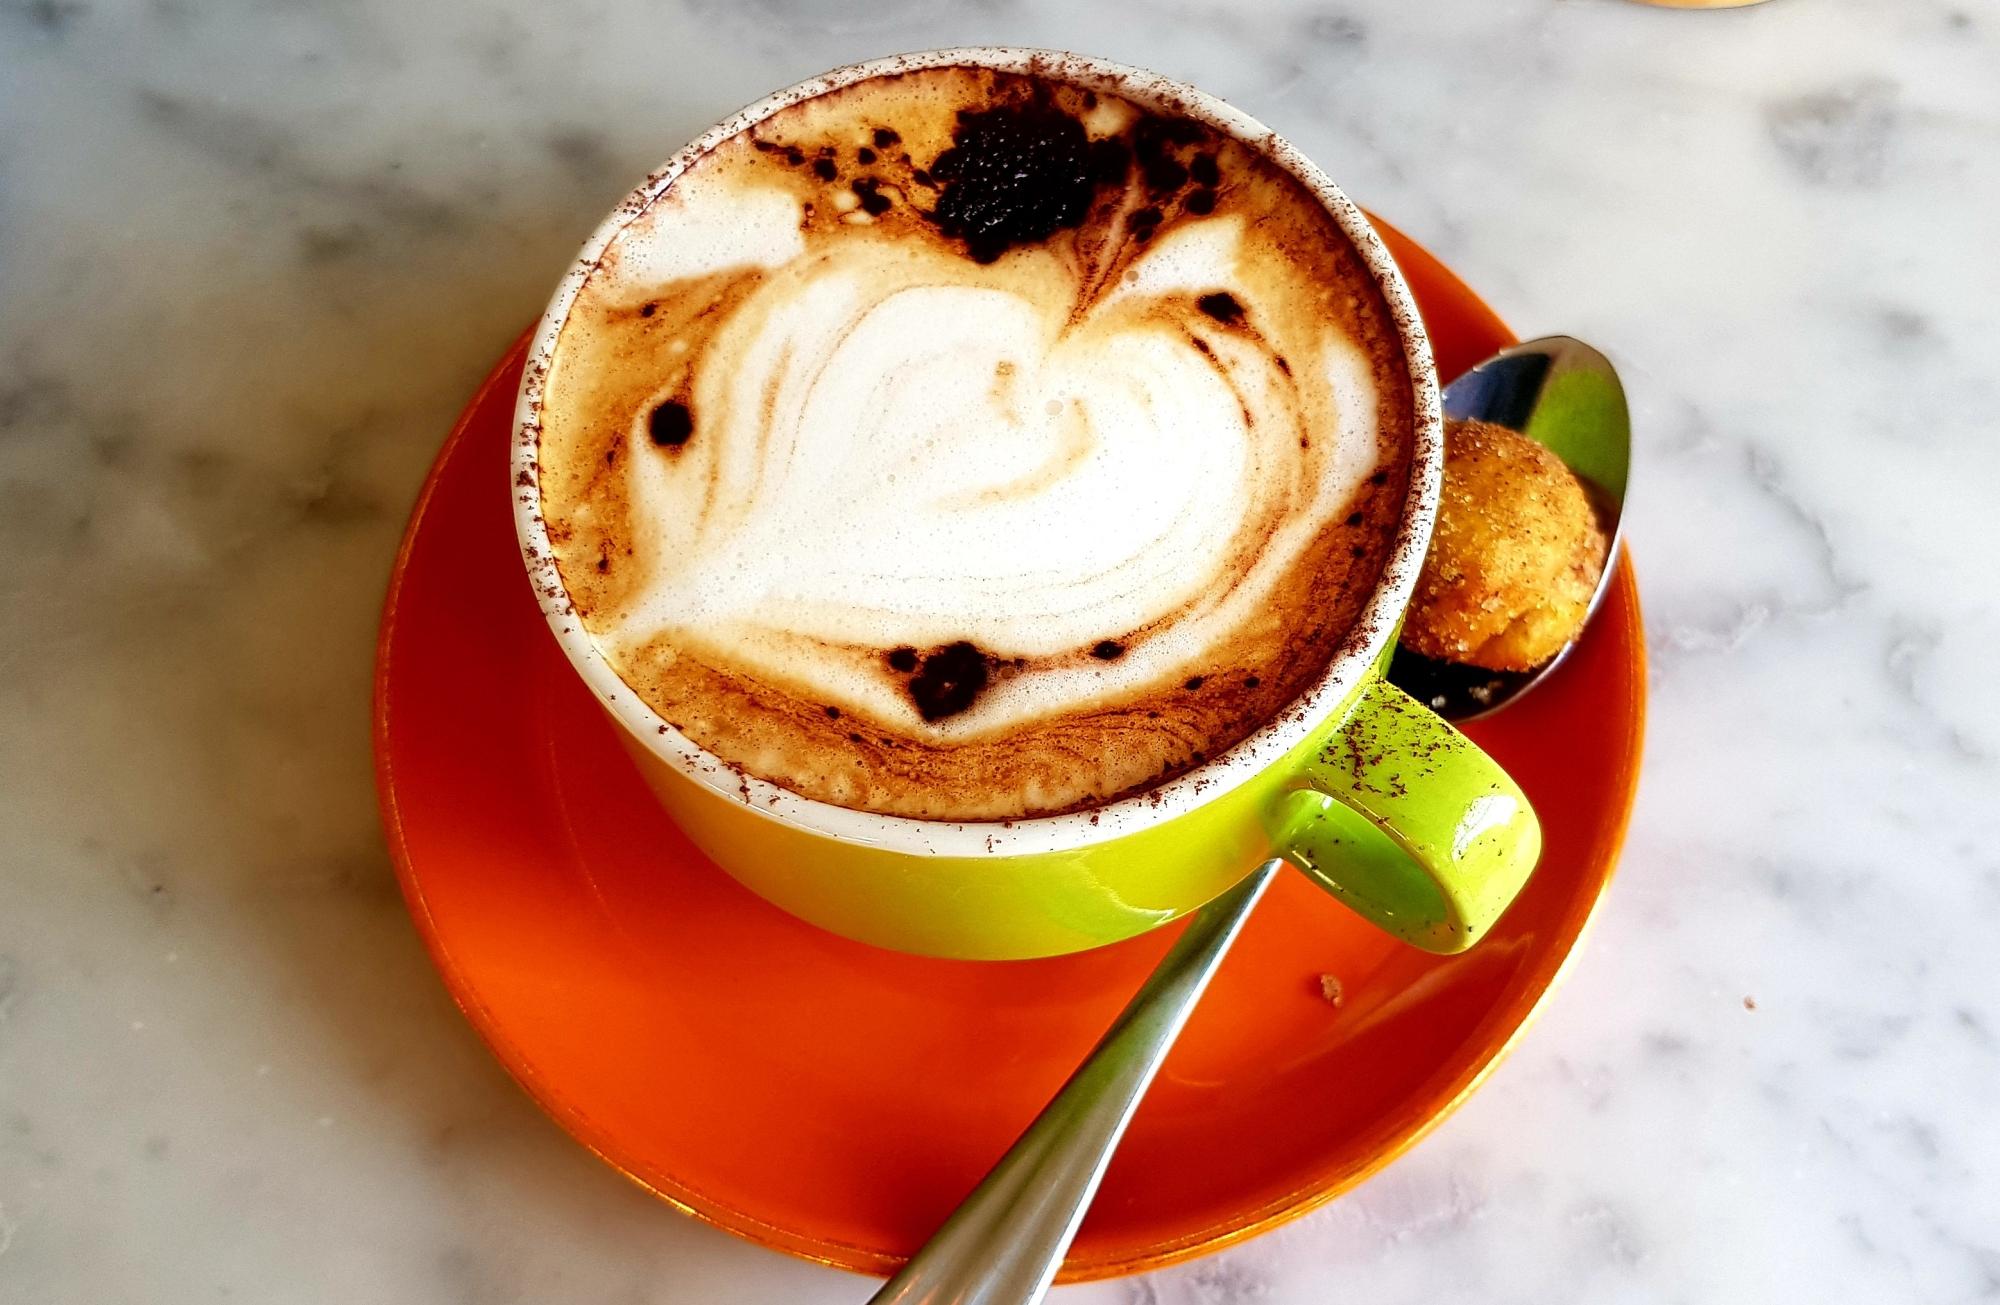 hardware société paris Montmartre sacred coeur coffee cappuccino